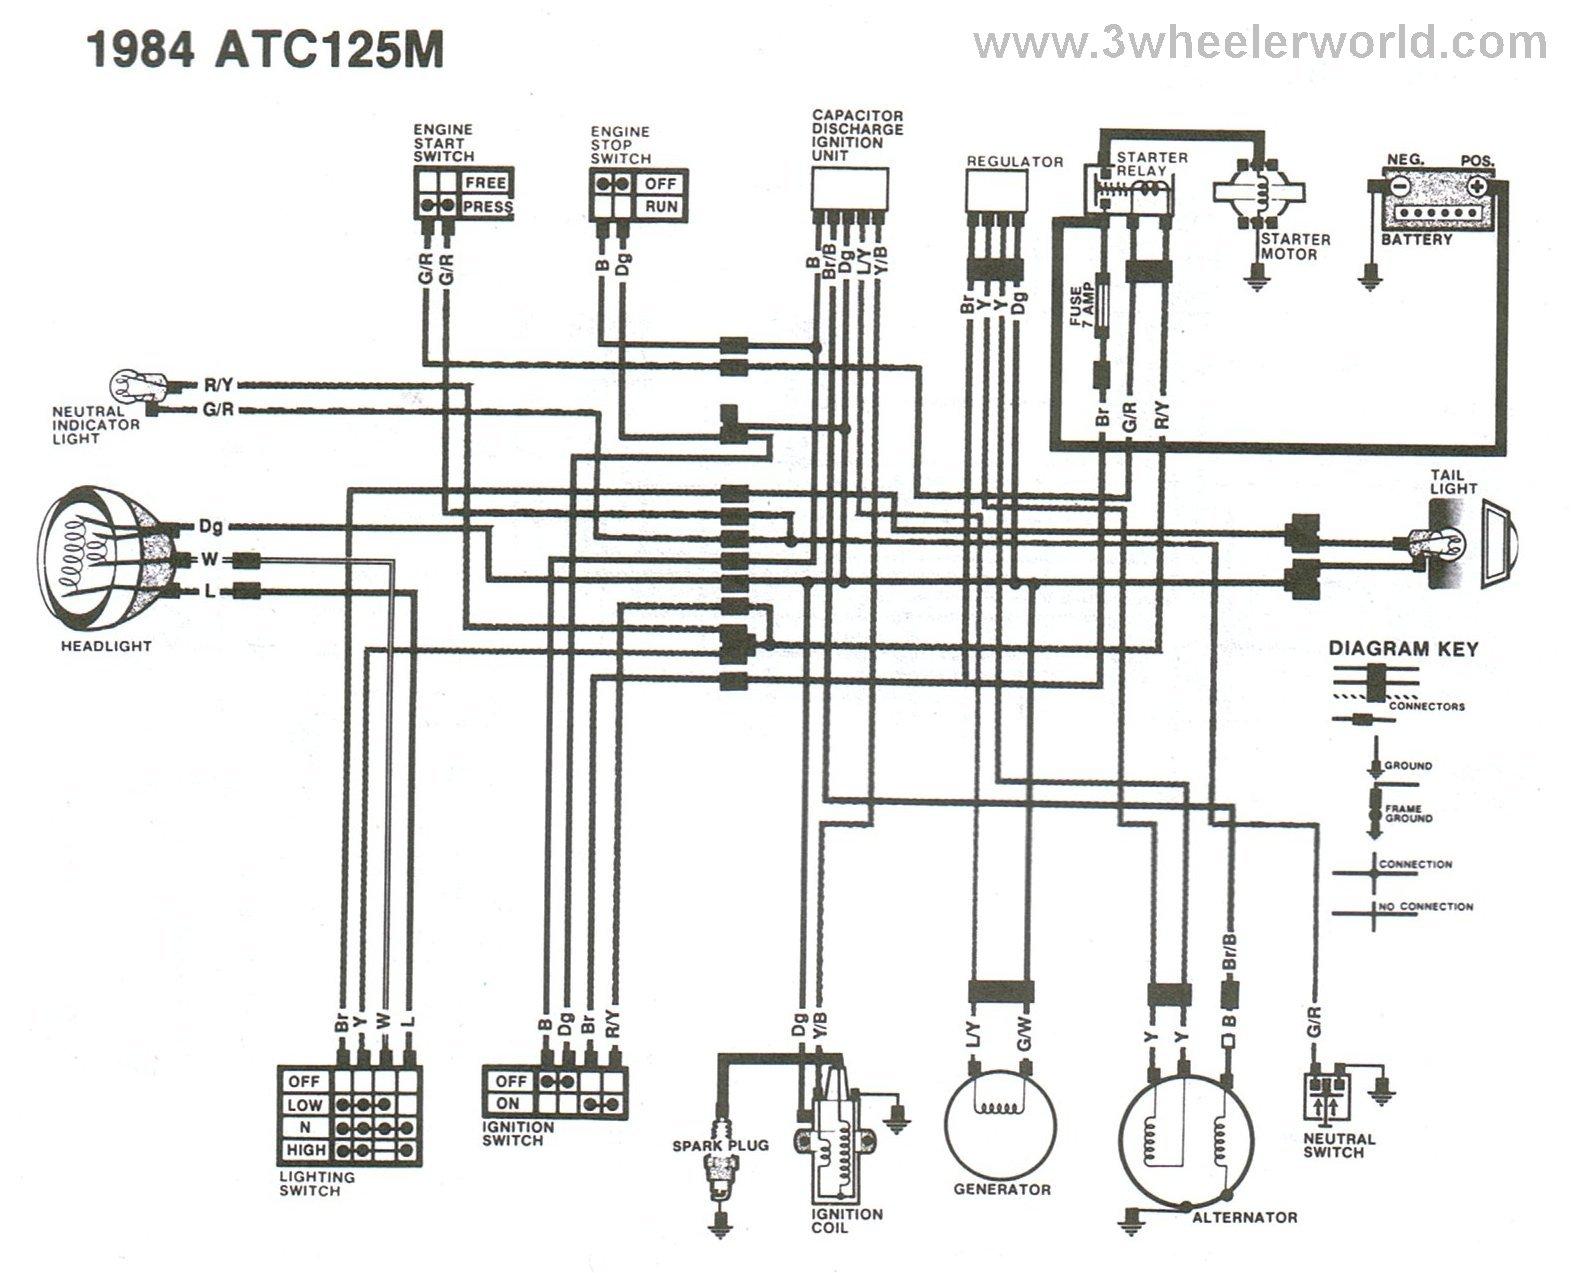 1983 honda big red wiring diagram 1983 image wiring diagram 1985 honda 200m wiring auto wiring diagram schematic on 1983 honda big red wiring